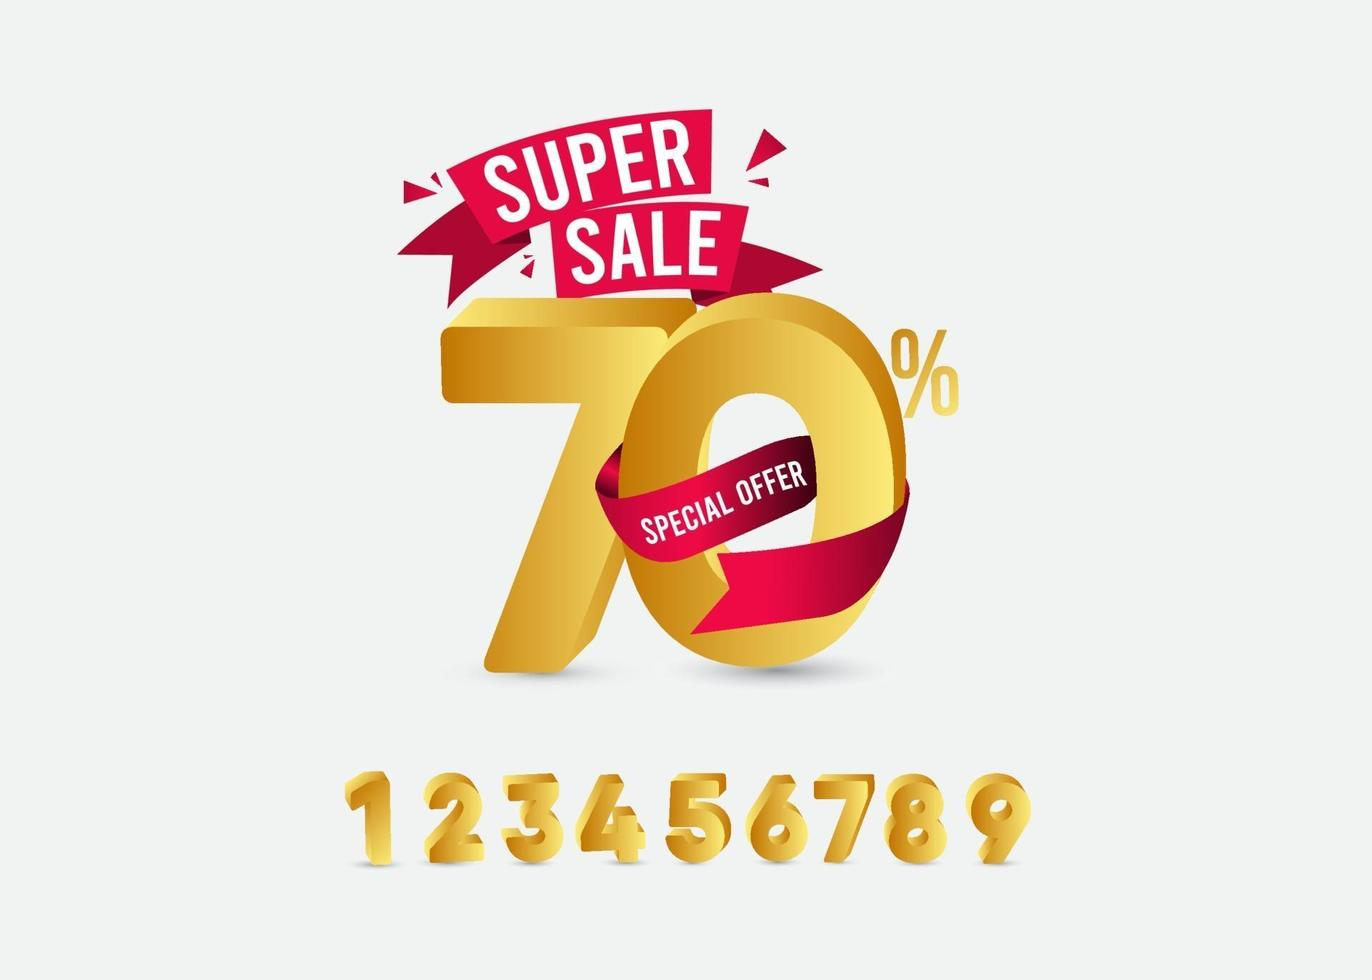 super försäljning 70 specialerbjudande etikett guld vektor mall design illustration